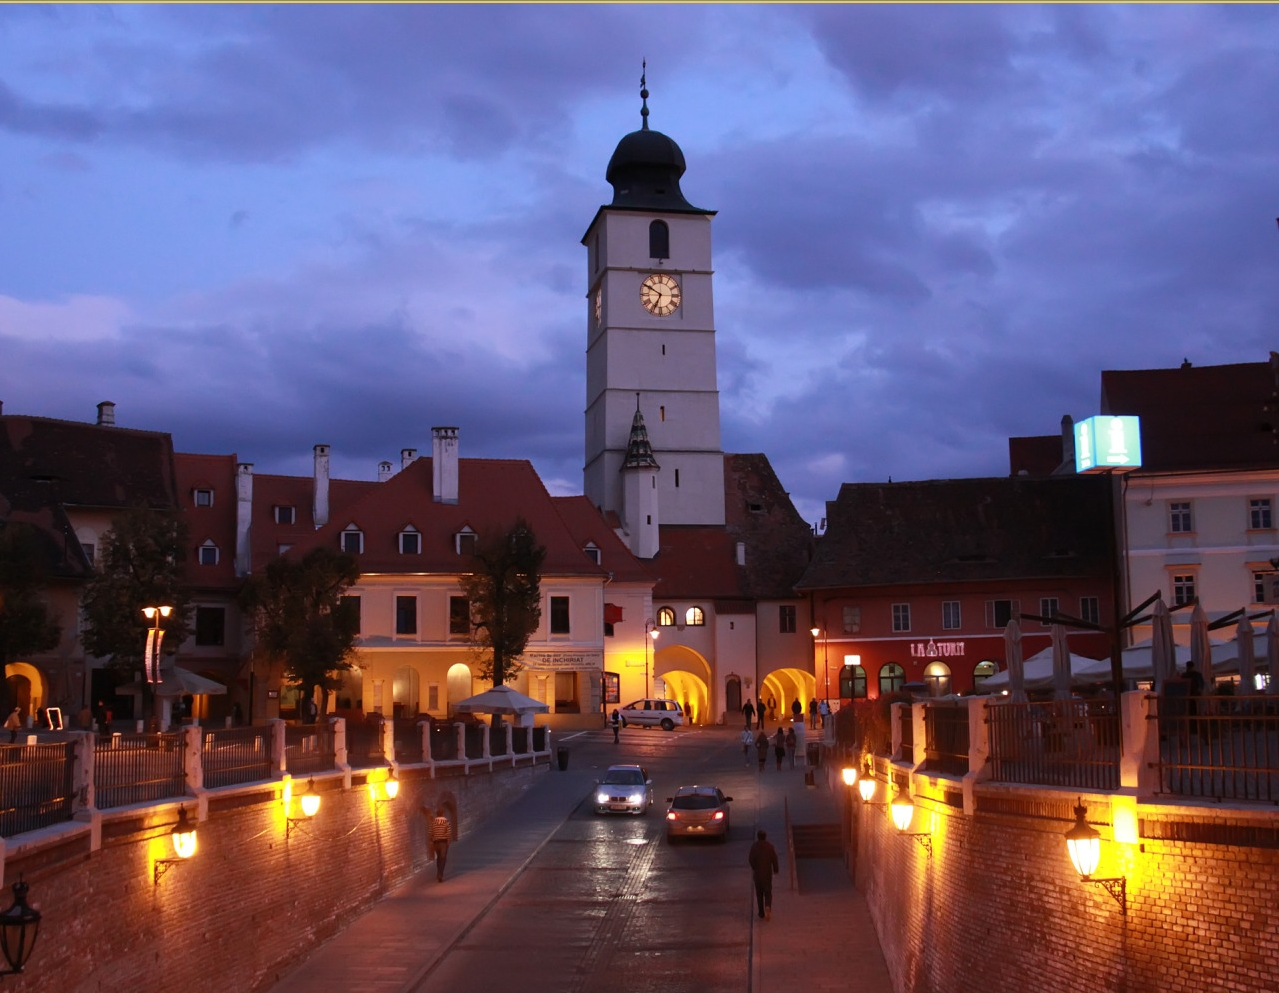 Die Geschichte des Ratturms von Hermannstadt